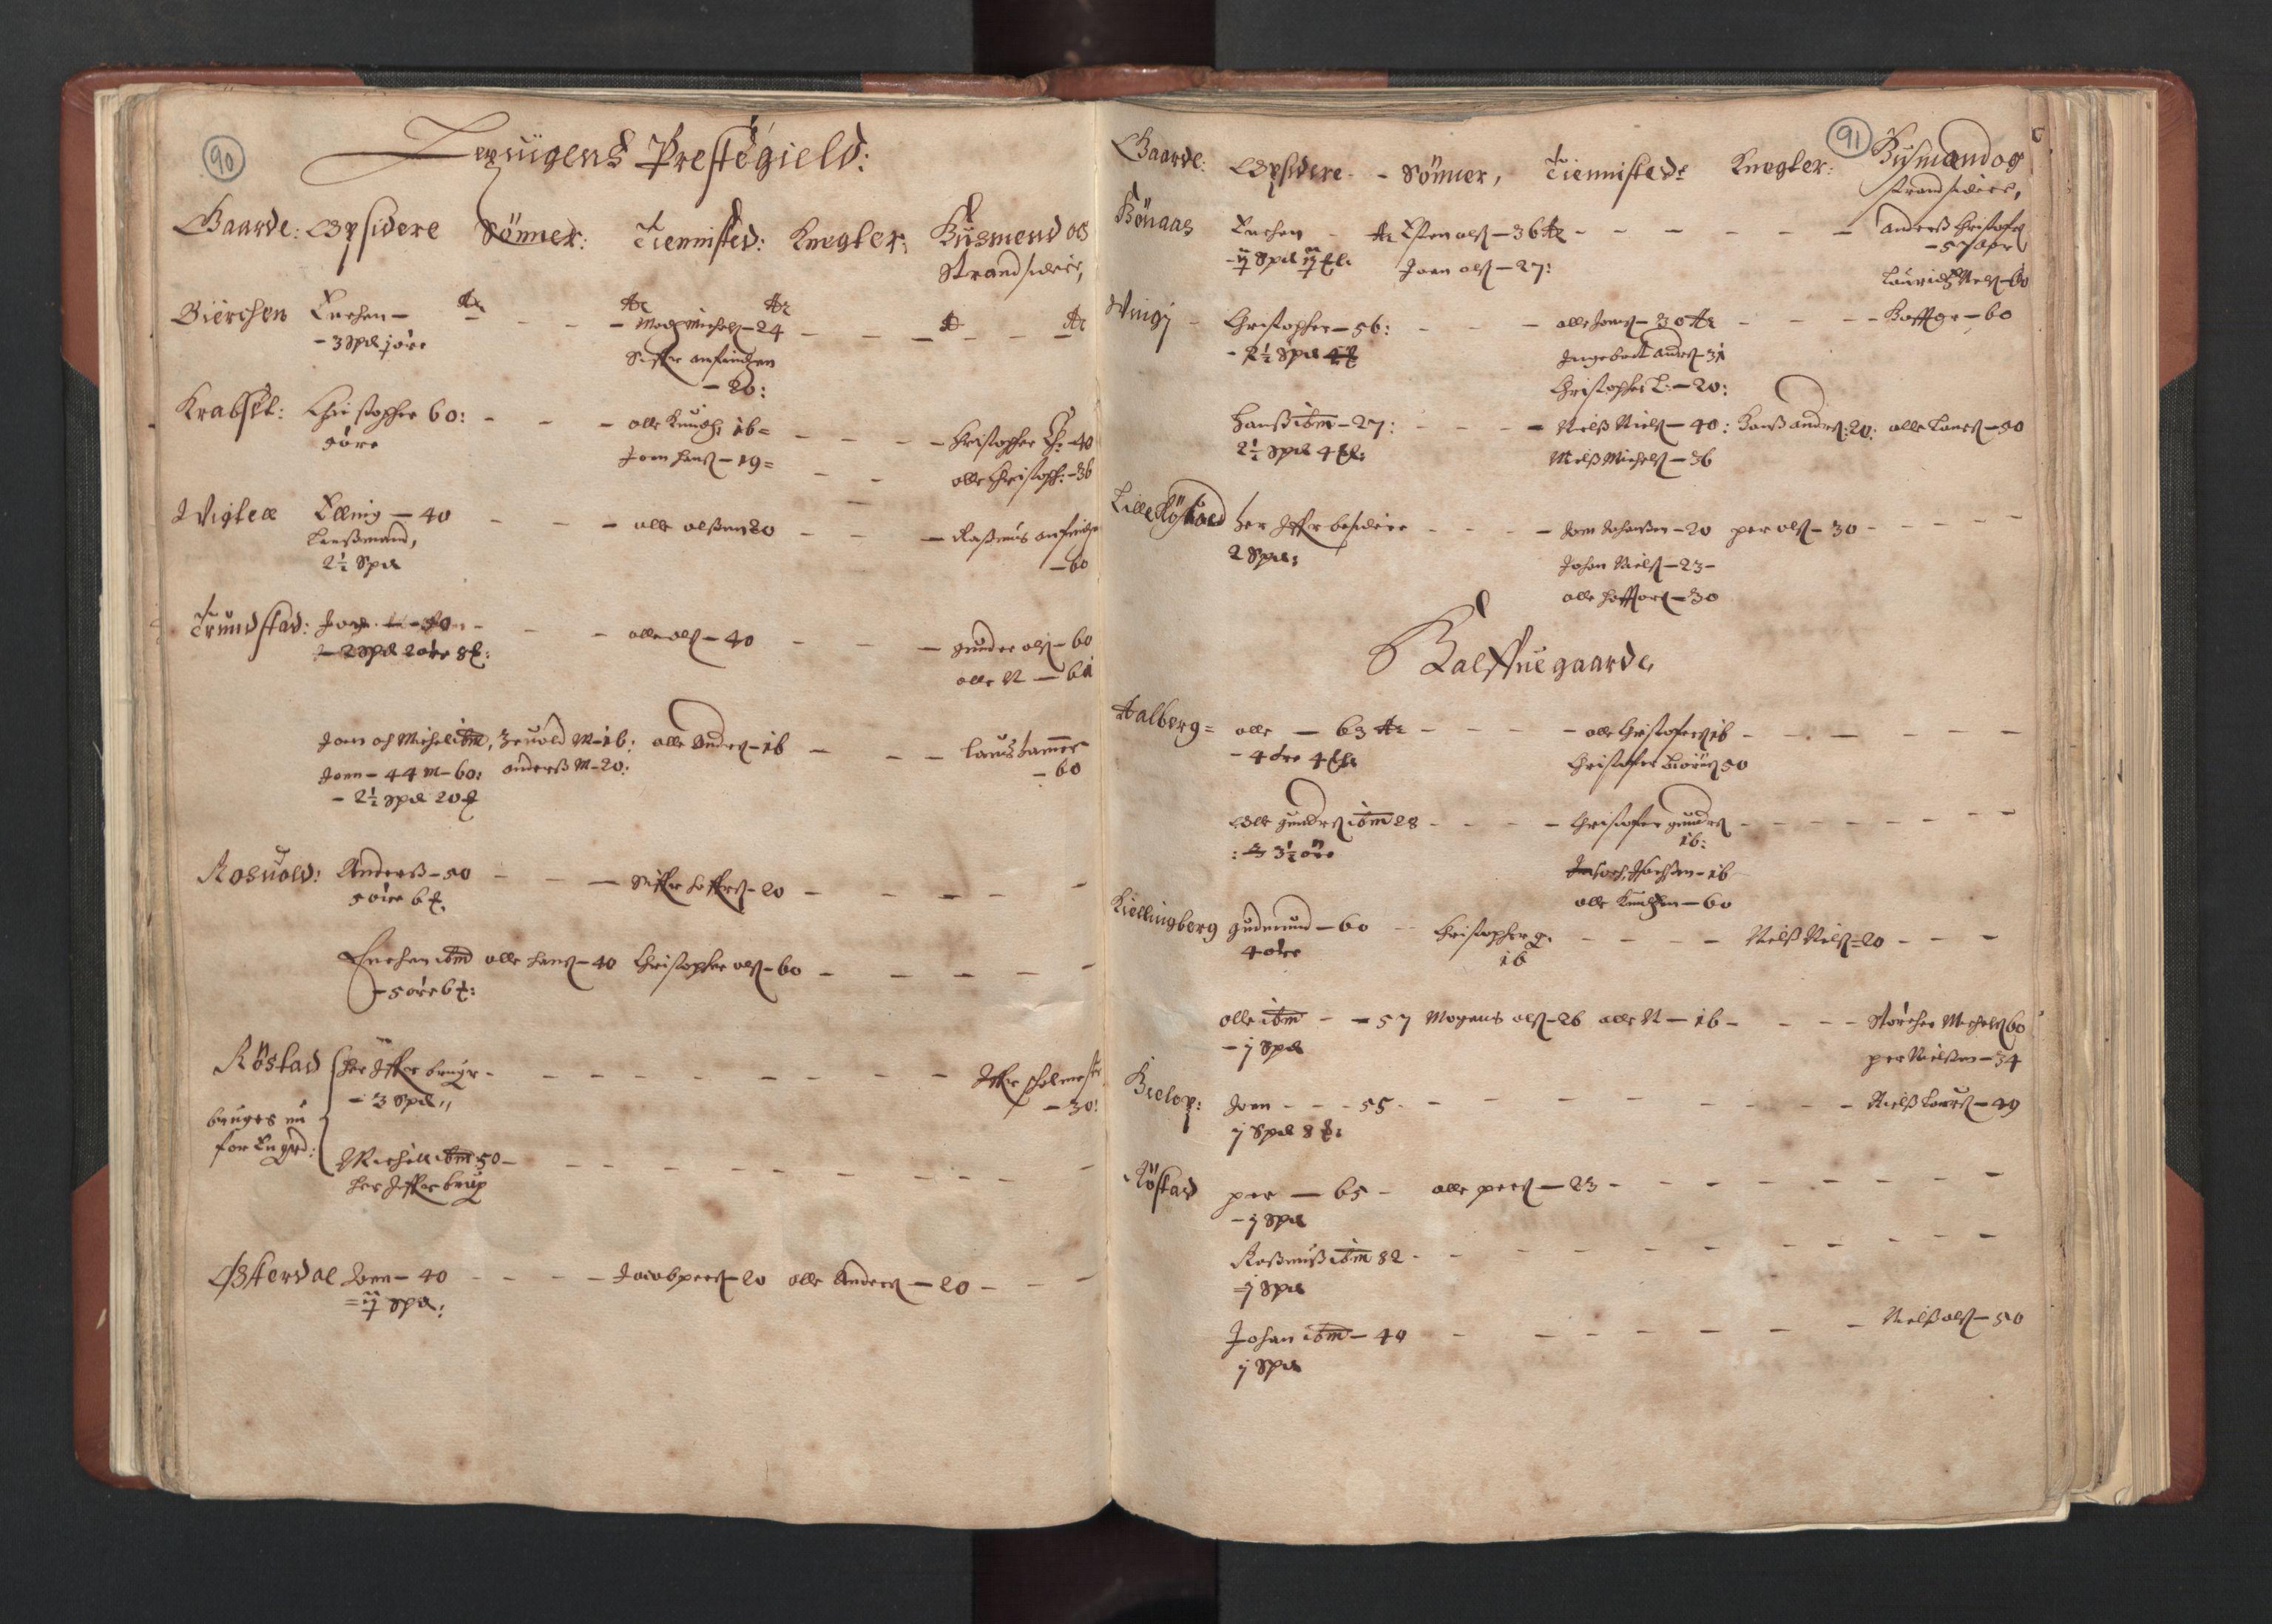 RA, Fogdenes og sorenskrivernes manntall 1664-1666, nr. 19: Fosen fogderi, Inderøy fogderi, Selbu fogderi, Namdal fogderi og Stjørdal fogderi, 1664-1665, s. 90-91